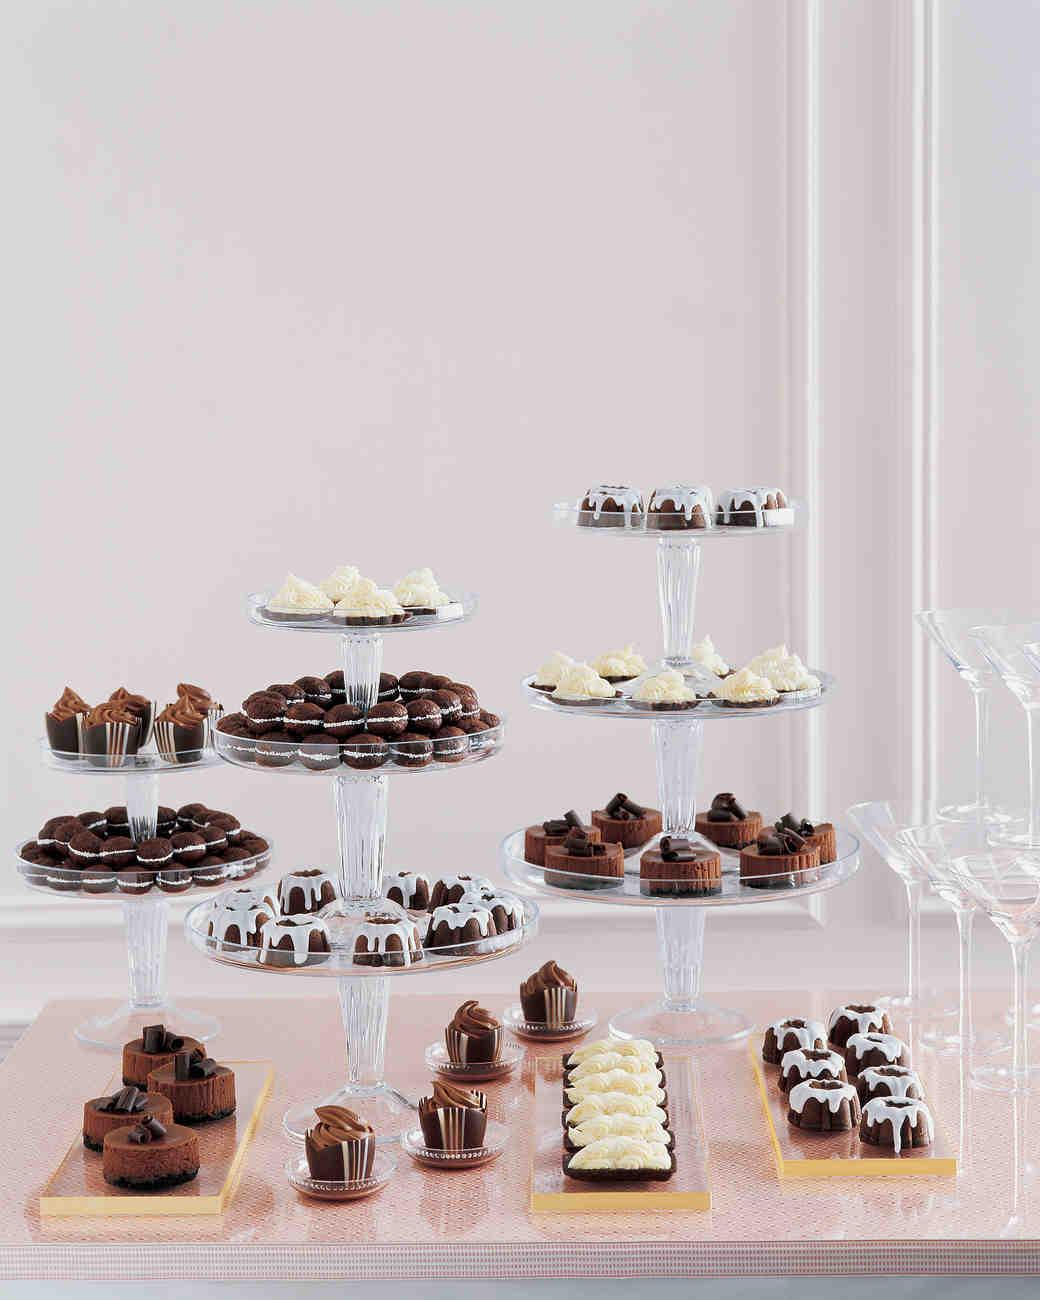 Glazed Mini Chocolate Bundt Cakes